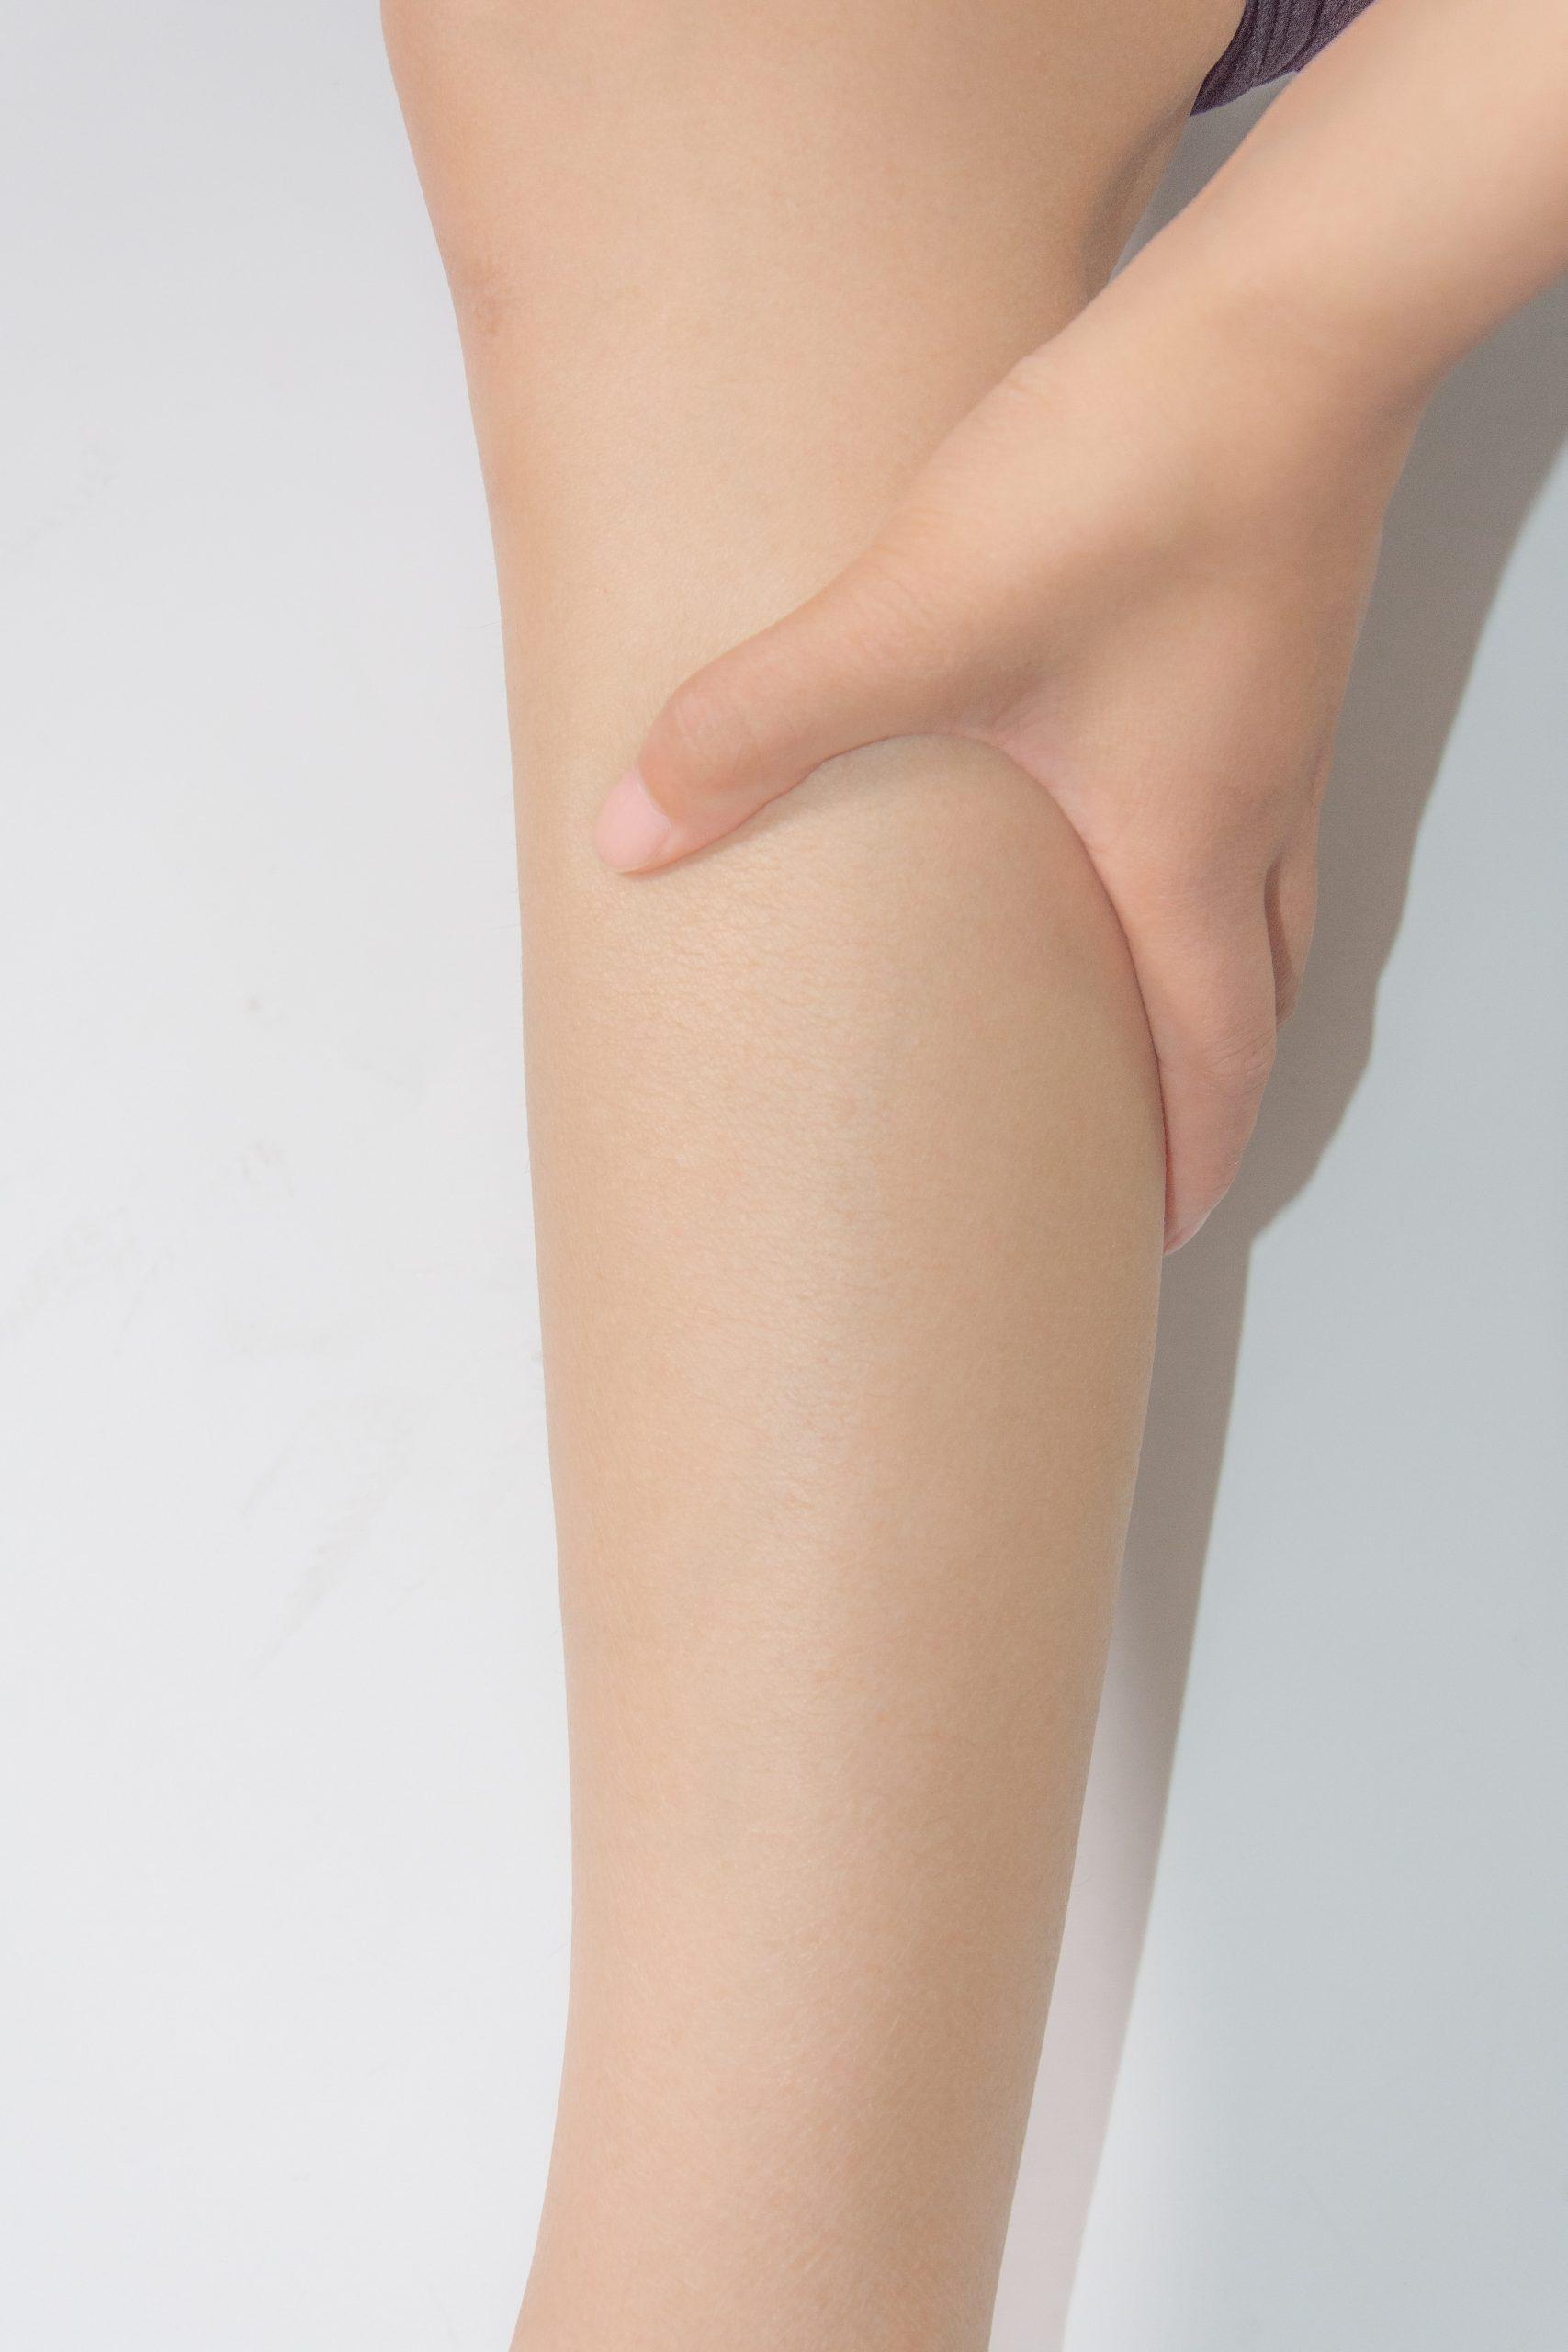 karspraengninger på ben